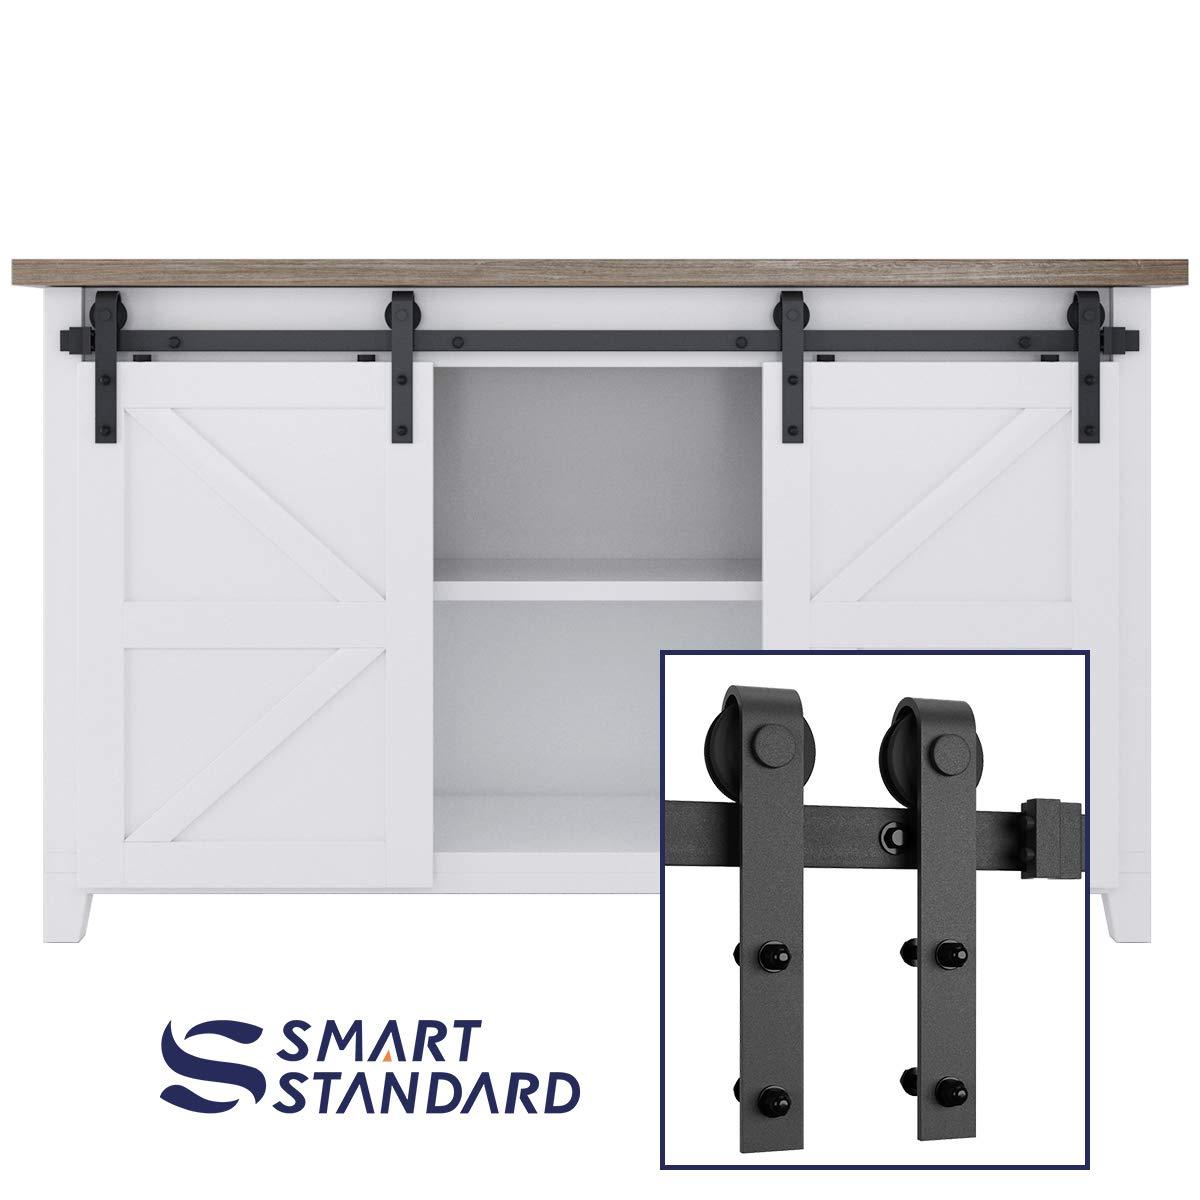 Amazon Smartstandard 5ft Mini Sliding Barn Door Hardware Kit